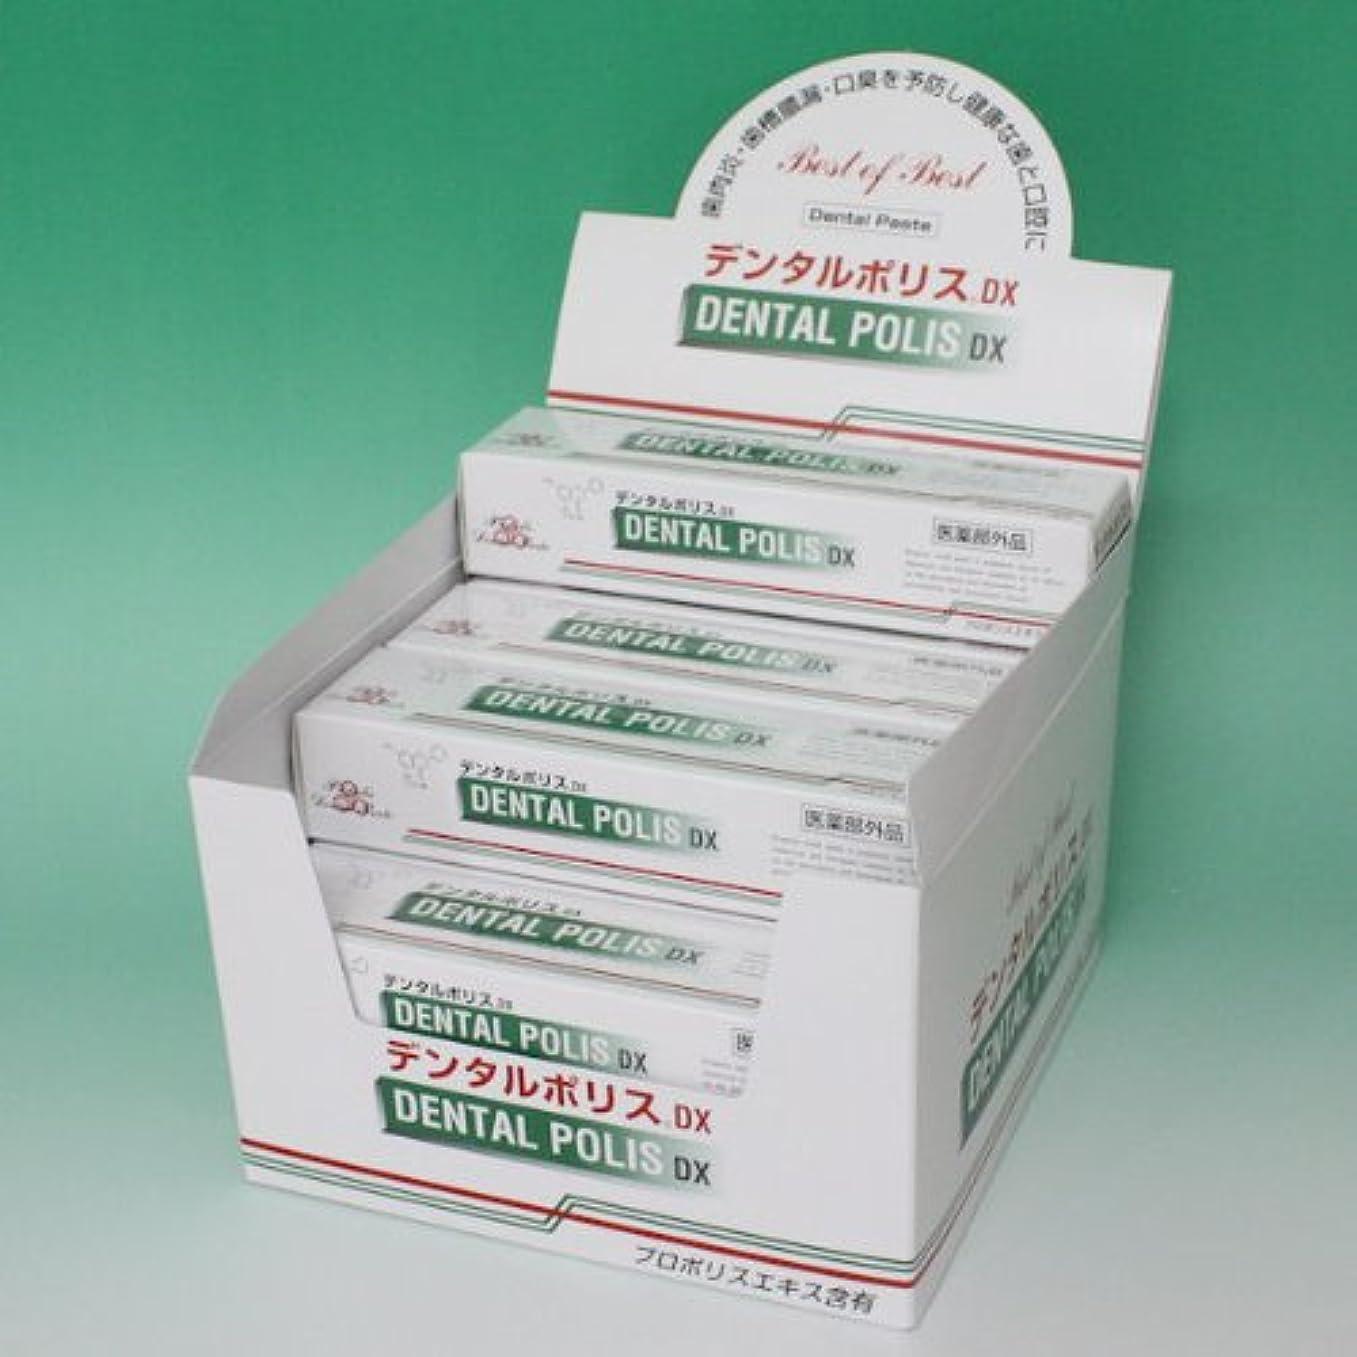 集団的おばさんアレルギーデンタルポリスDX 80g  12本セット 医薬部外品  歯みがき 8gサンプル2本 進呈!